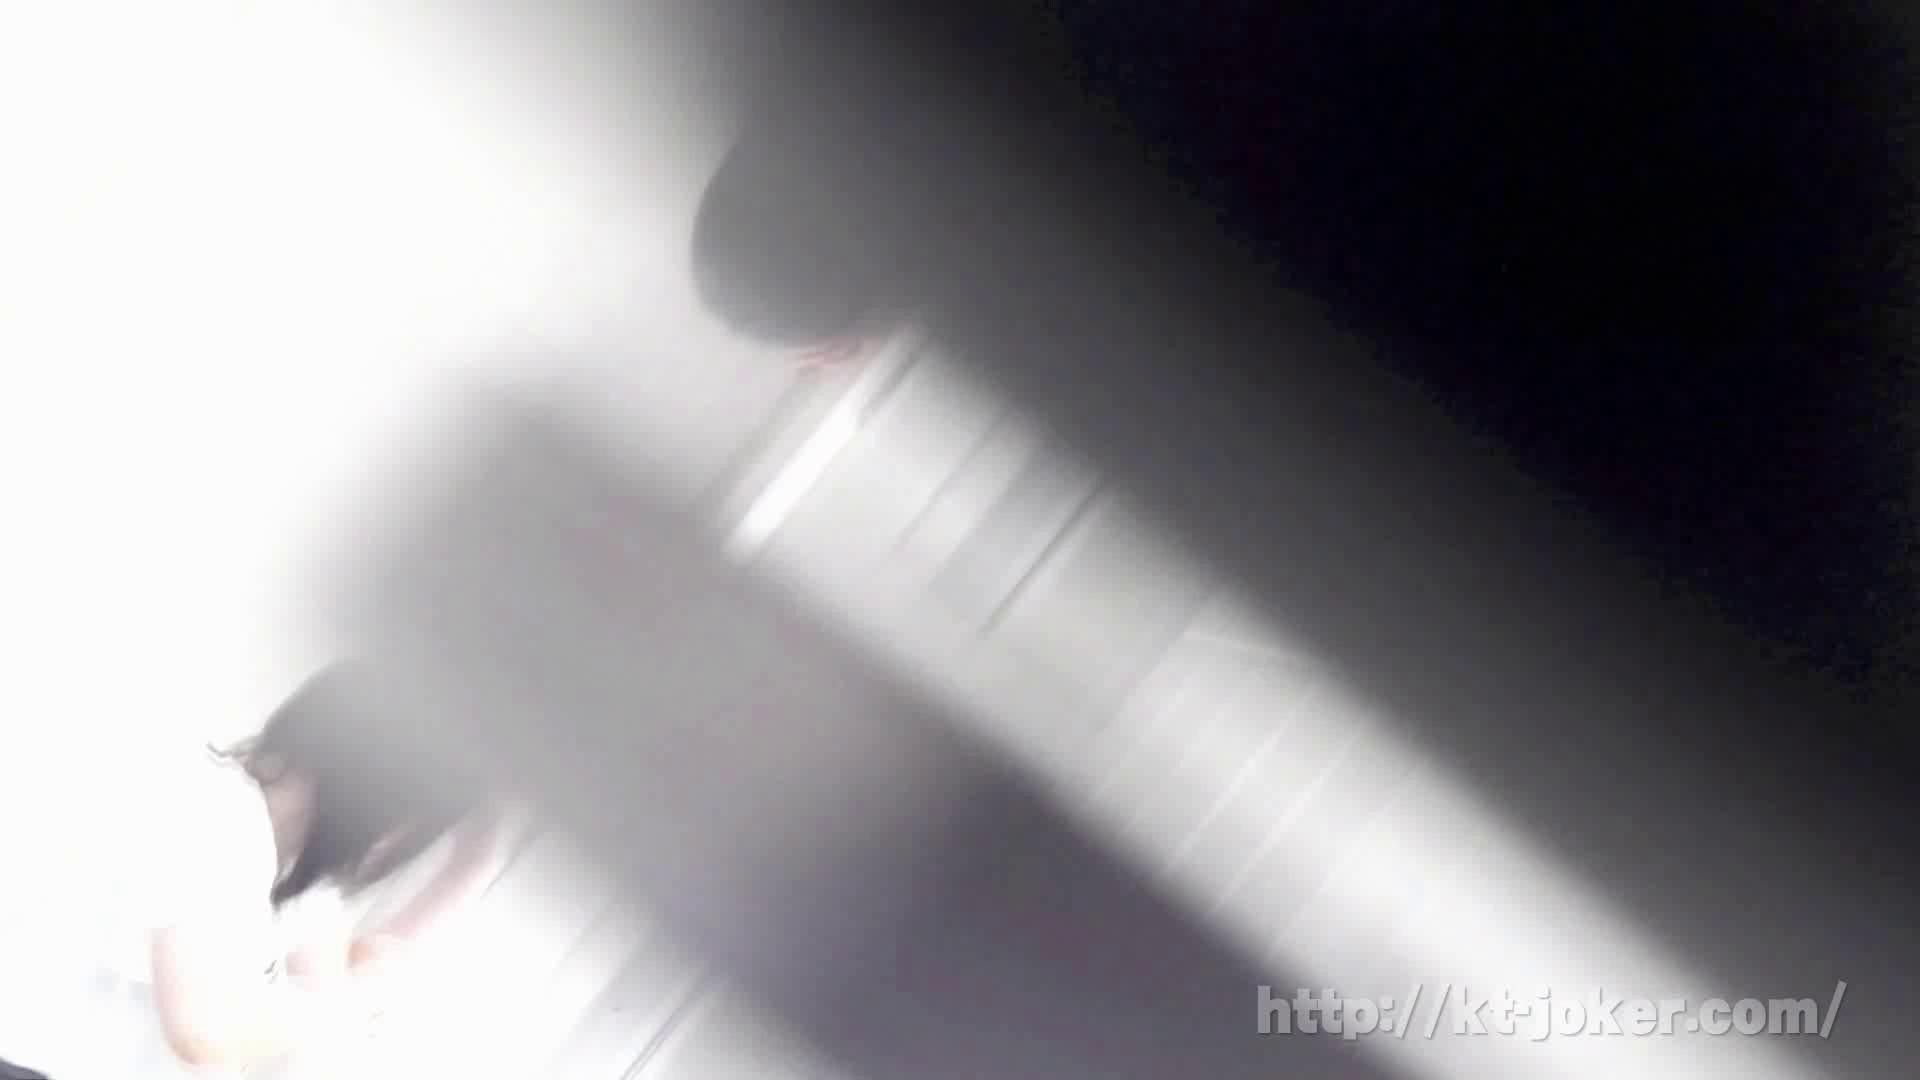 命がけ潜伏洗面所! vol.68 レベルアップ!! 洗面所 盗撮戯れ無修正画像 106画像 92